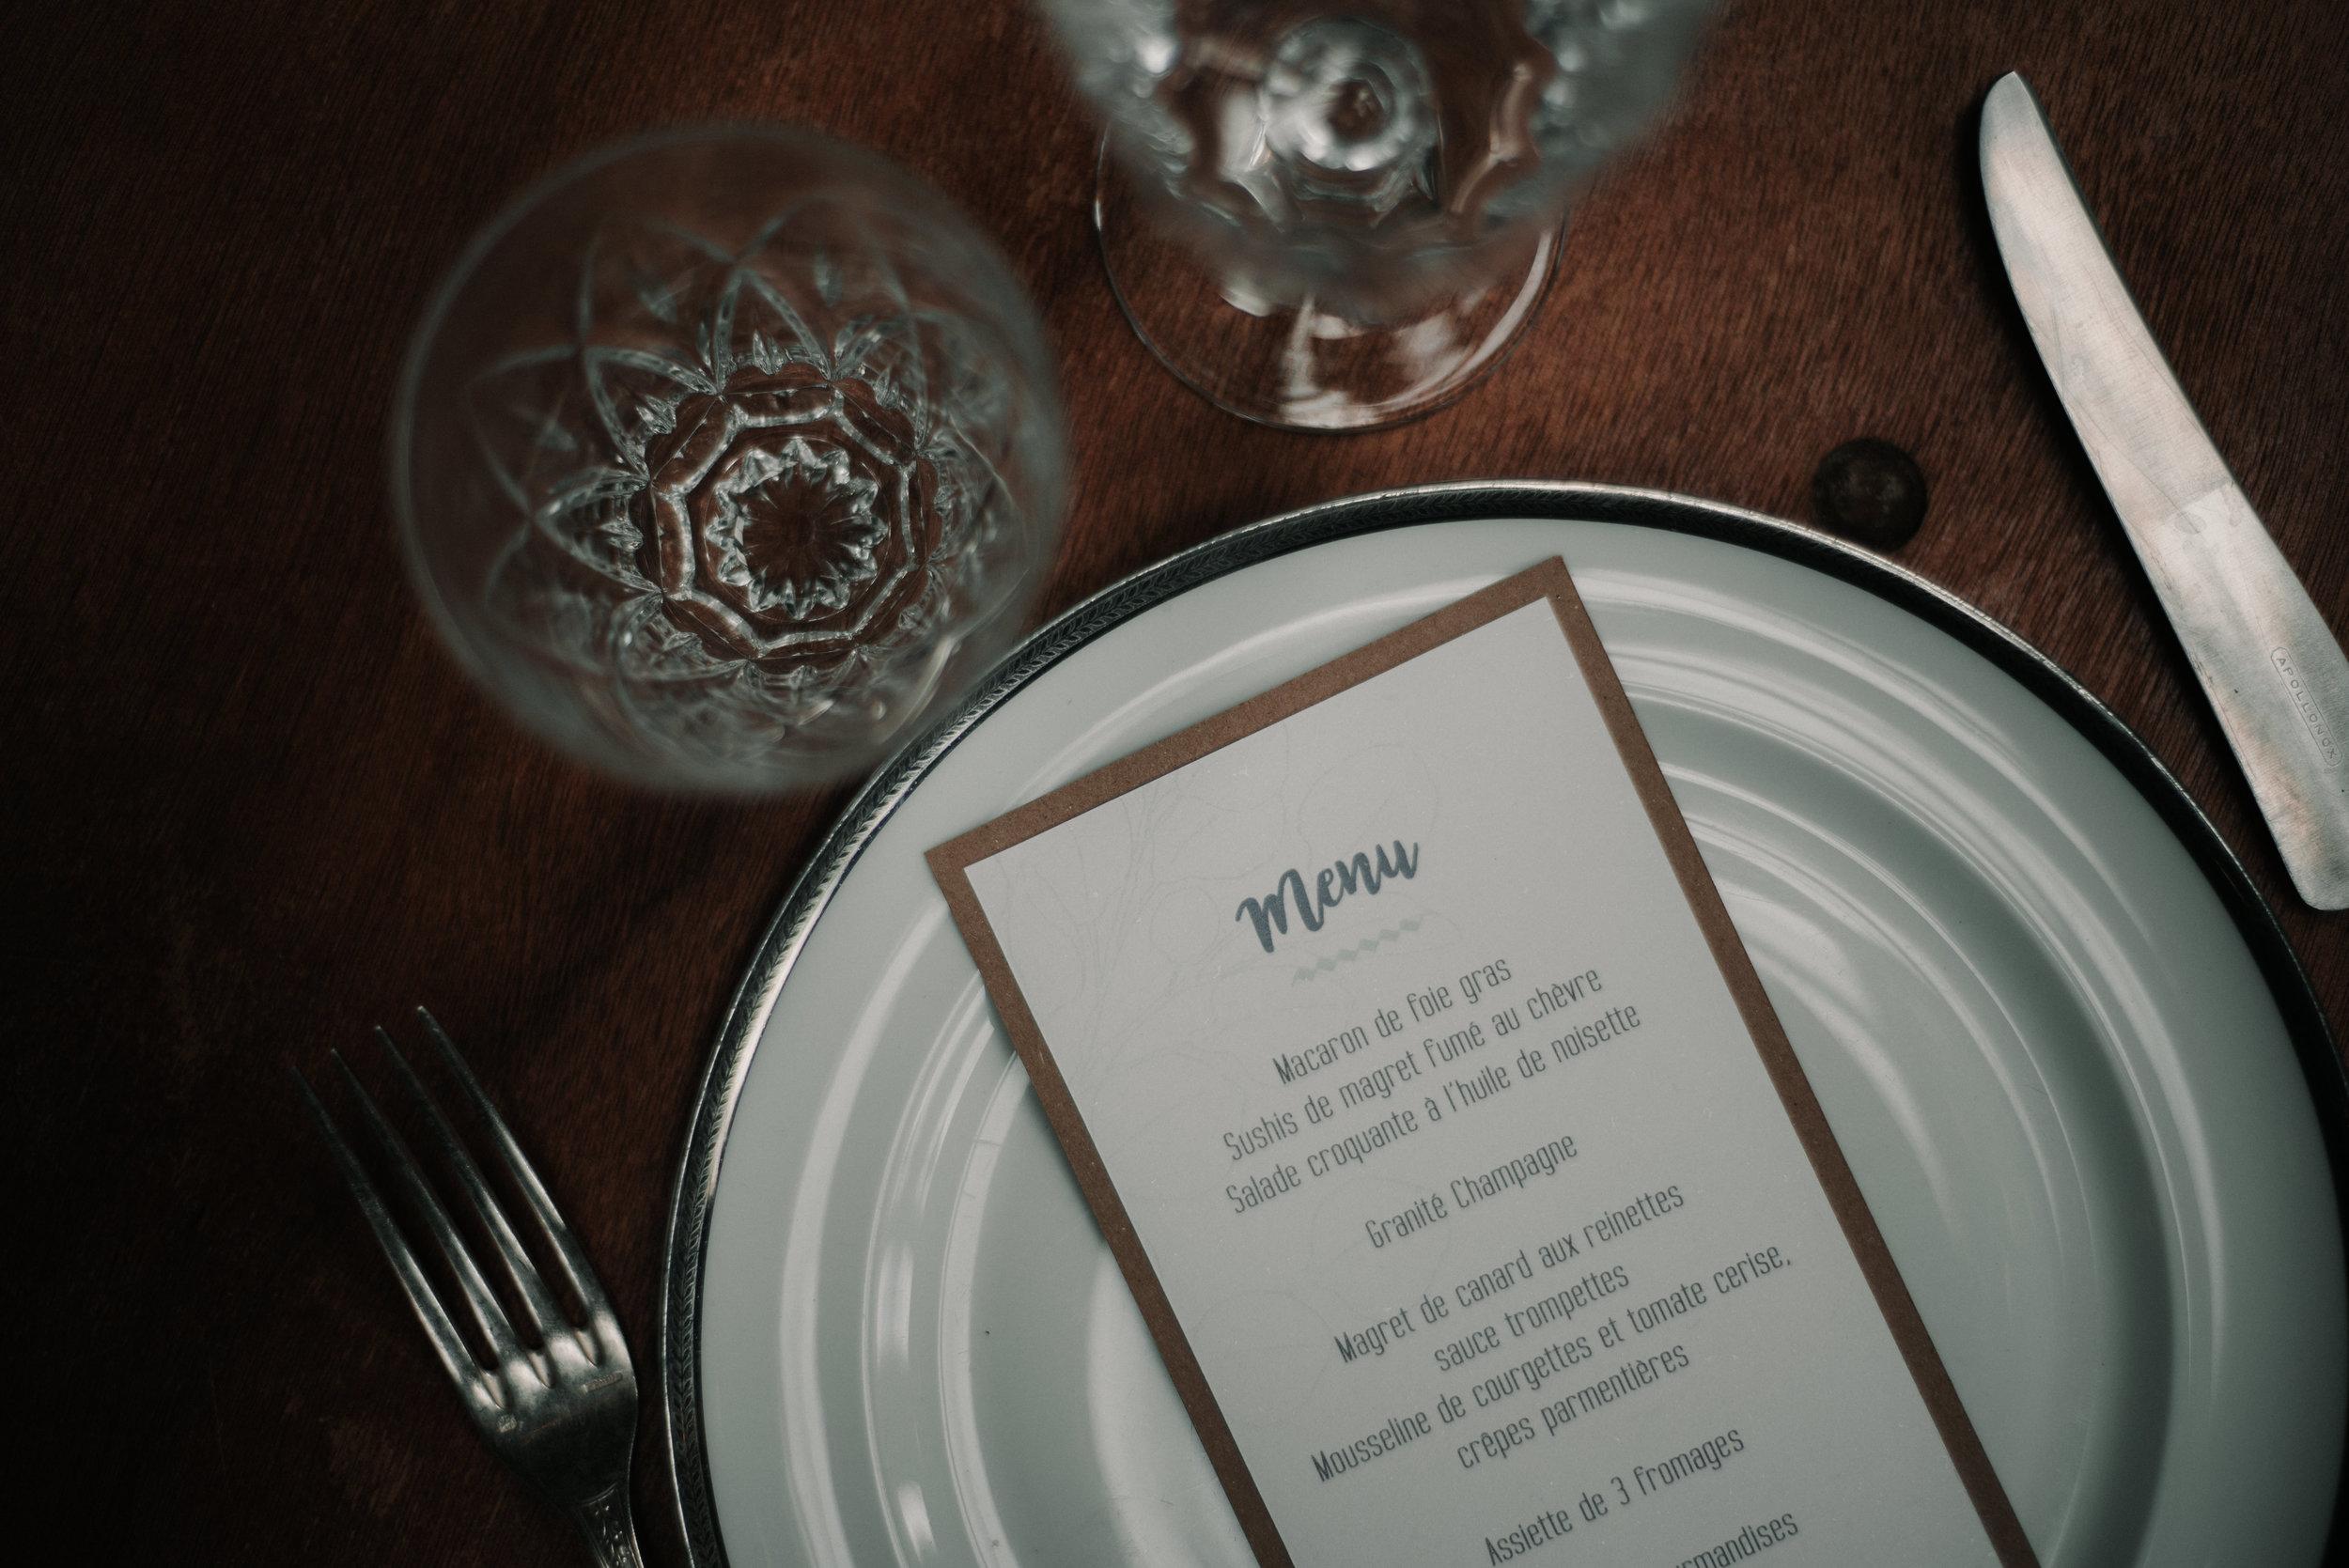 Léa-Fery-photographe-professionnel-lyon-rhone-alpes-portrait-creation-mariage-evenement-evenementiel-famille-1439.jpg